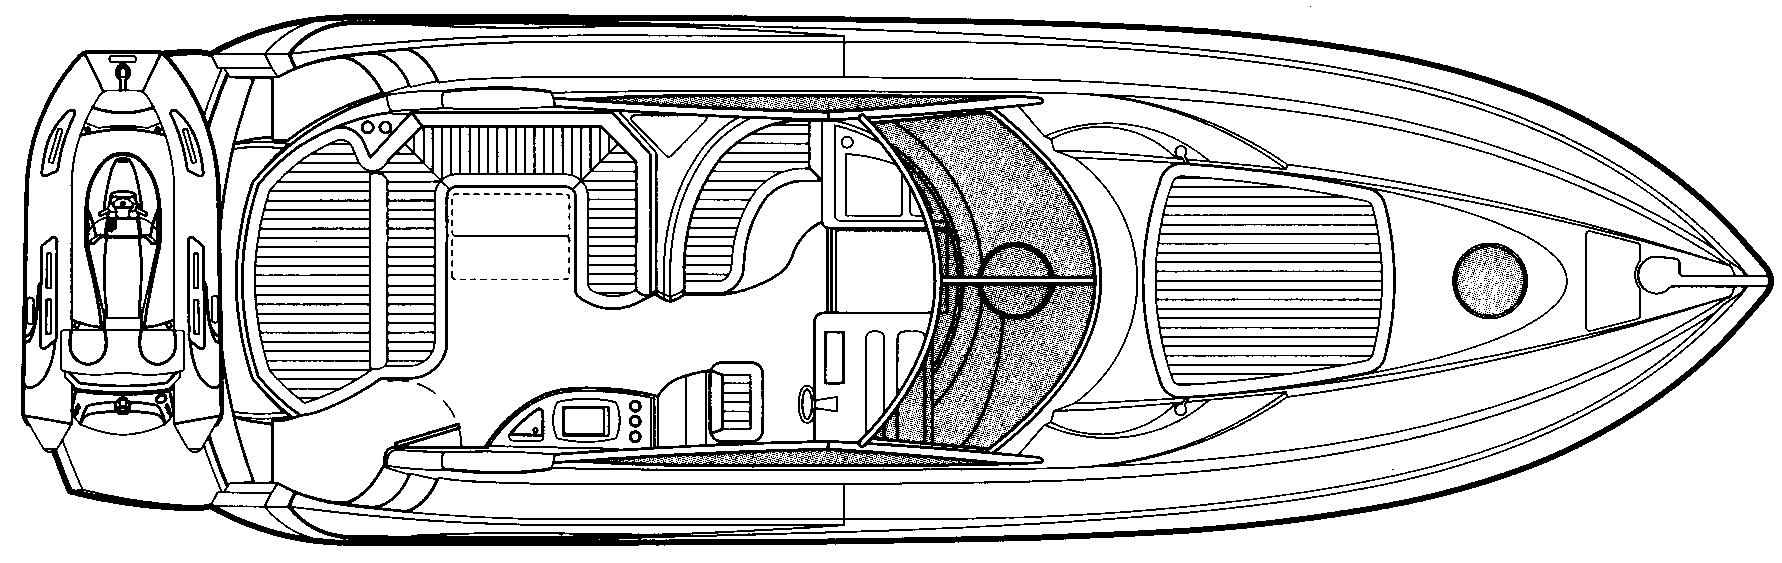 Portofino 46 Floor Plan 2